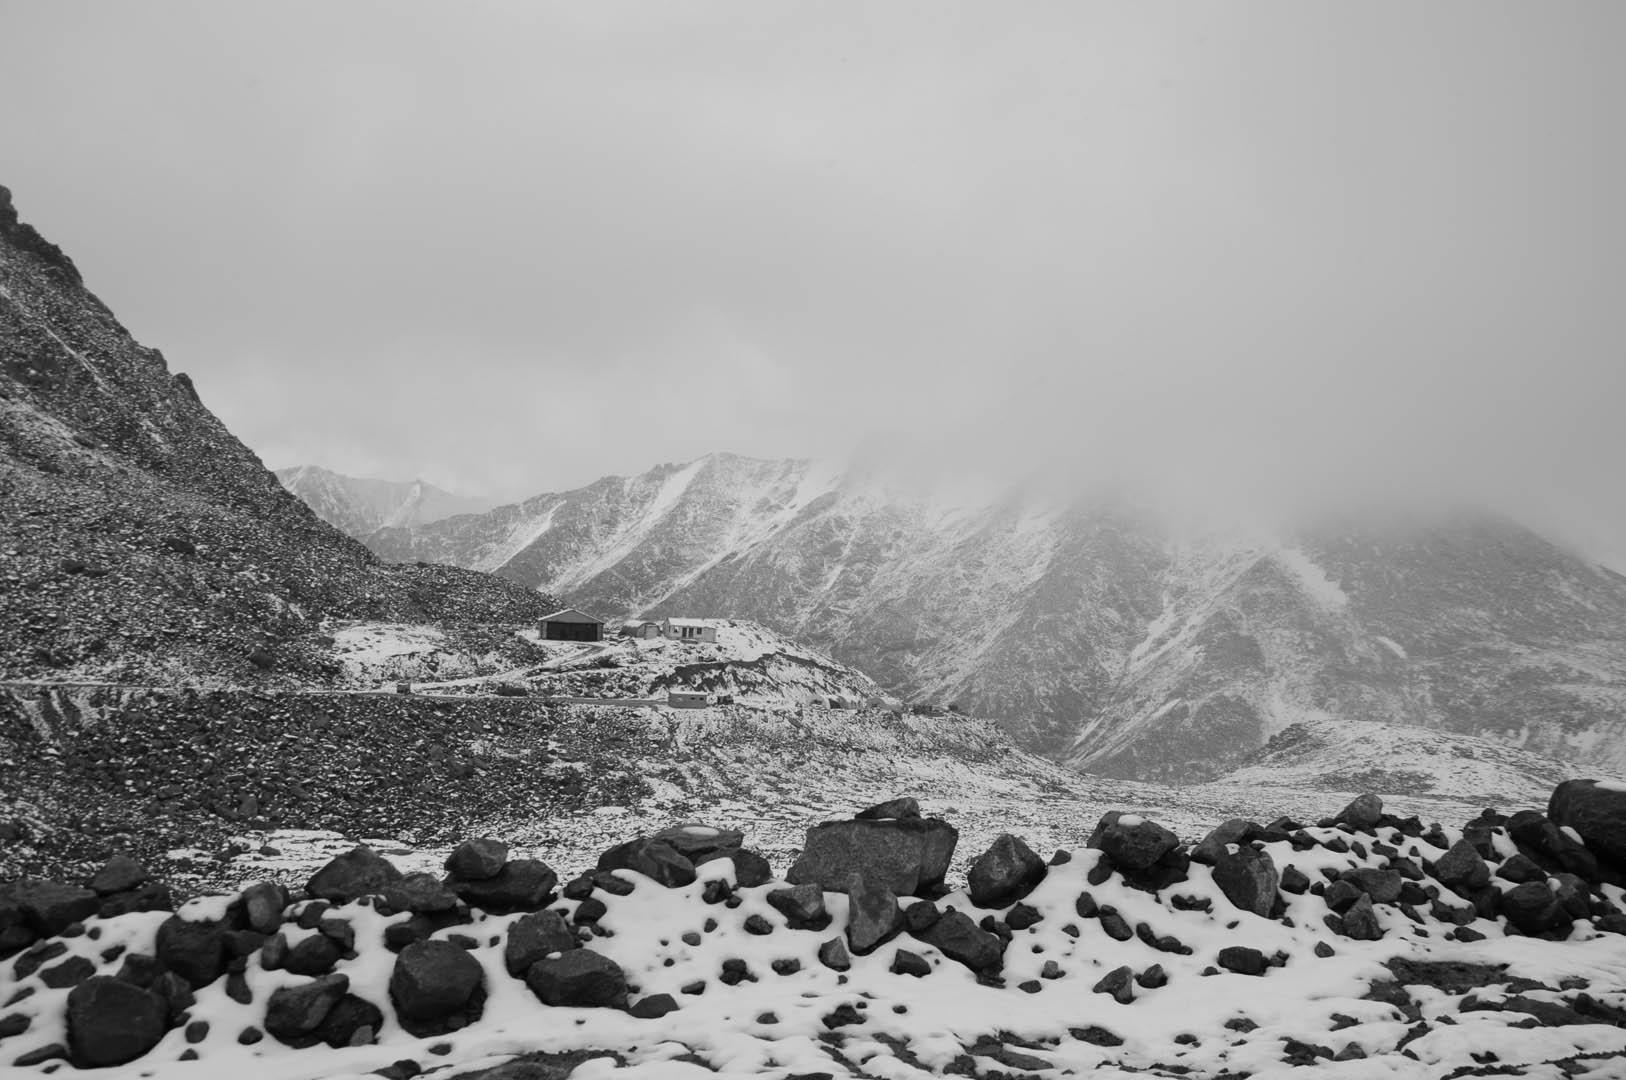 Ktop - Snow